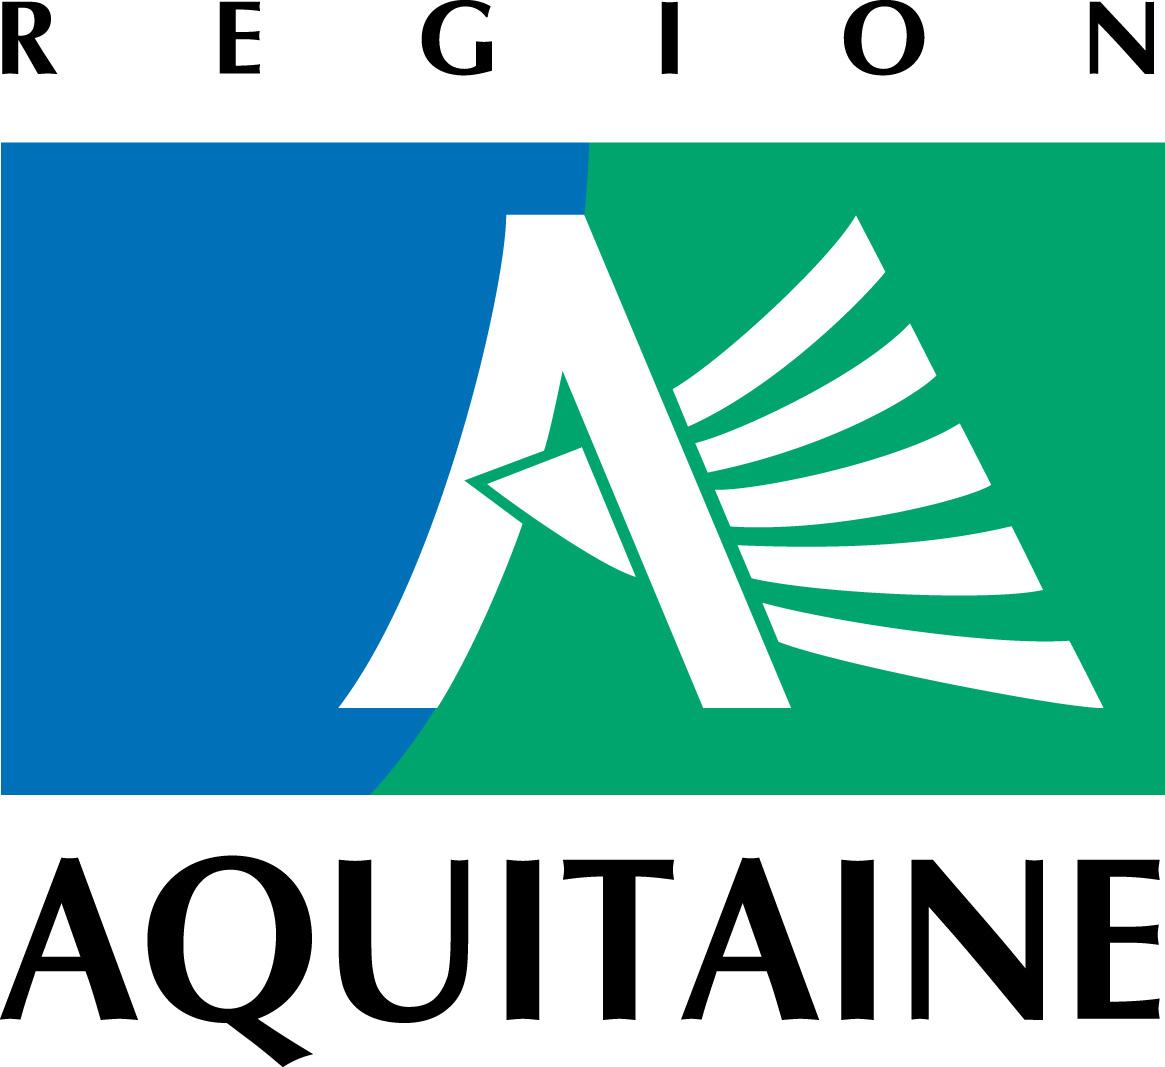 Conseill régional d'Aquitaine